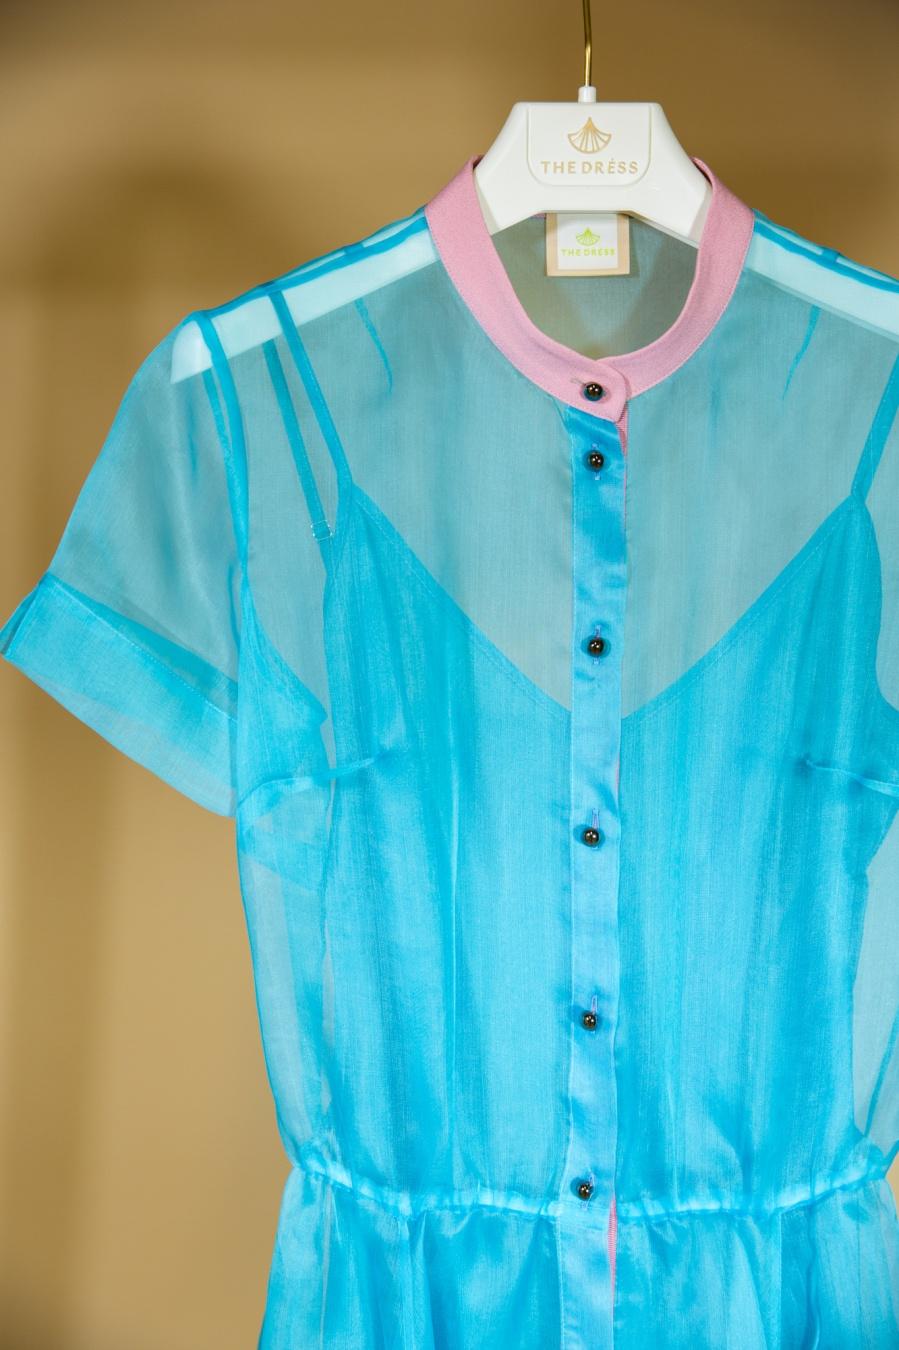 Приталенное платье из голубой органзы с розовыми клапанами и стойкой